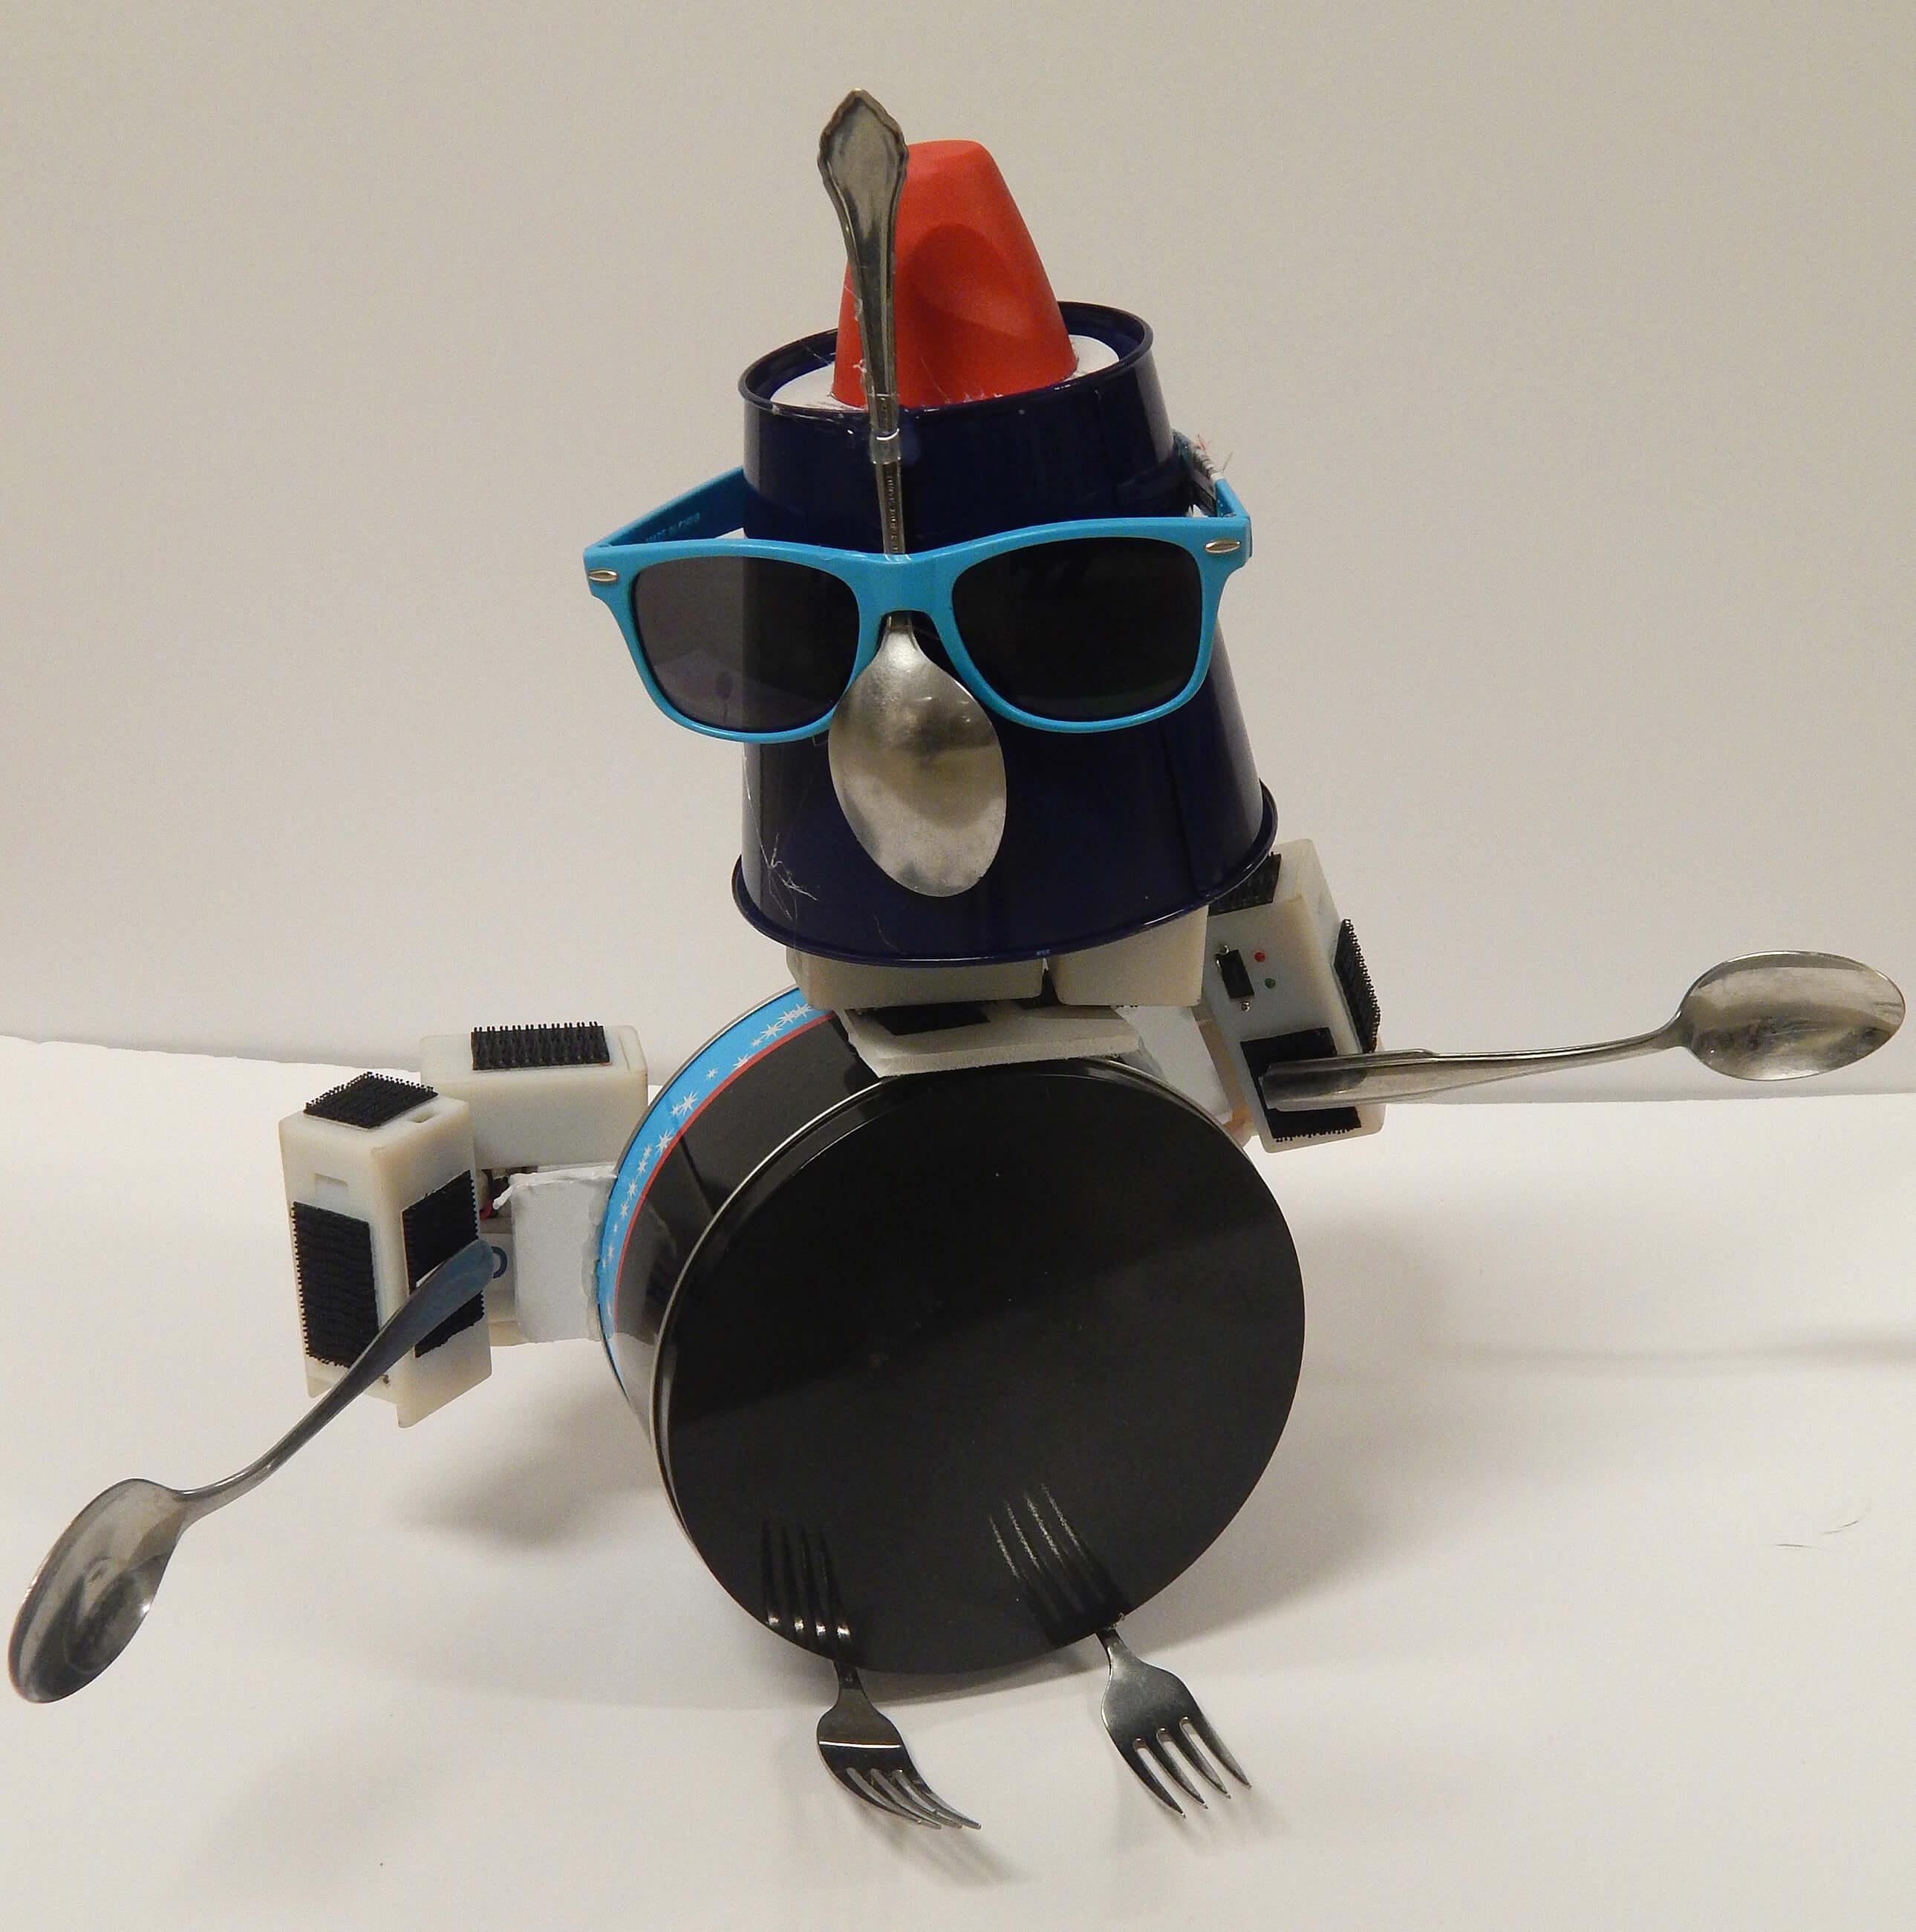 robot design Find great deals on ebay for vex v5 robotics design system shop with confidence.